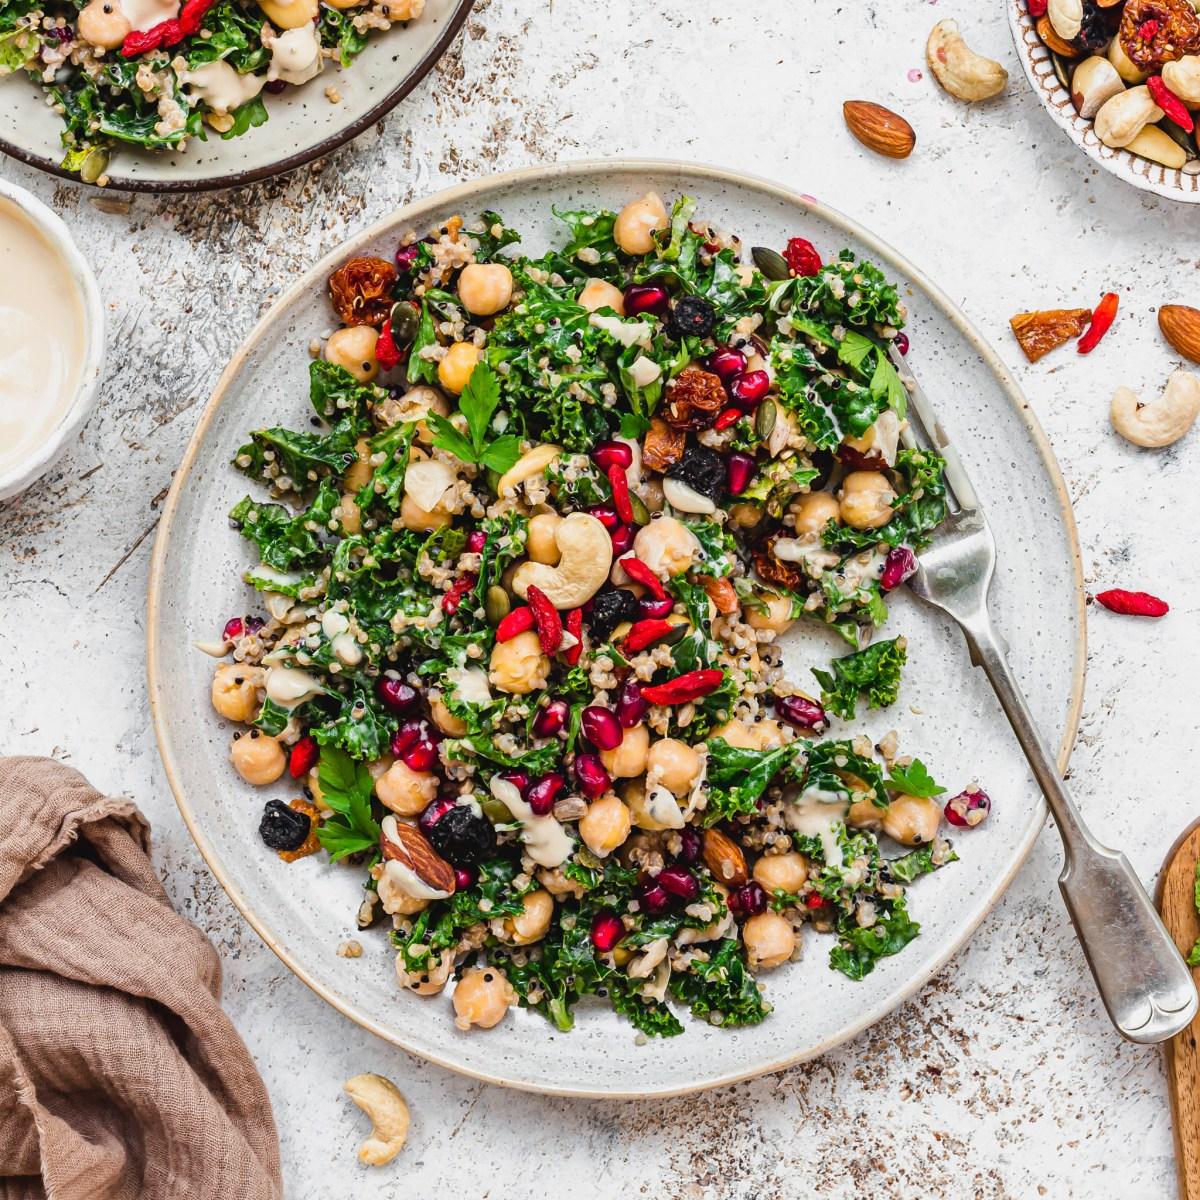 Garlicky Kale Tahini and Almond Salad